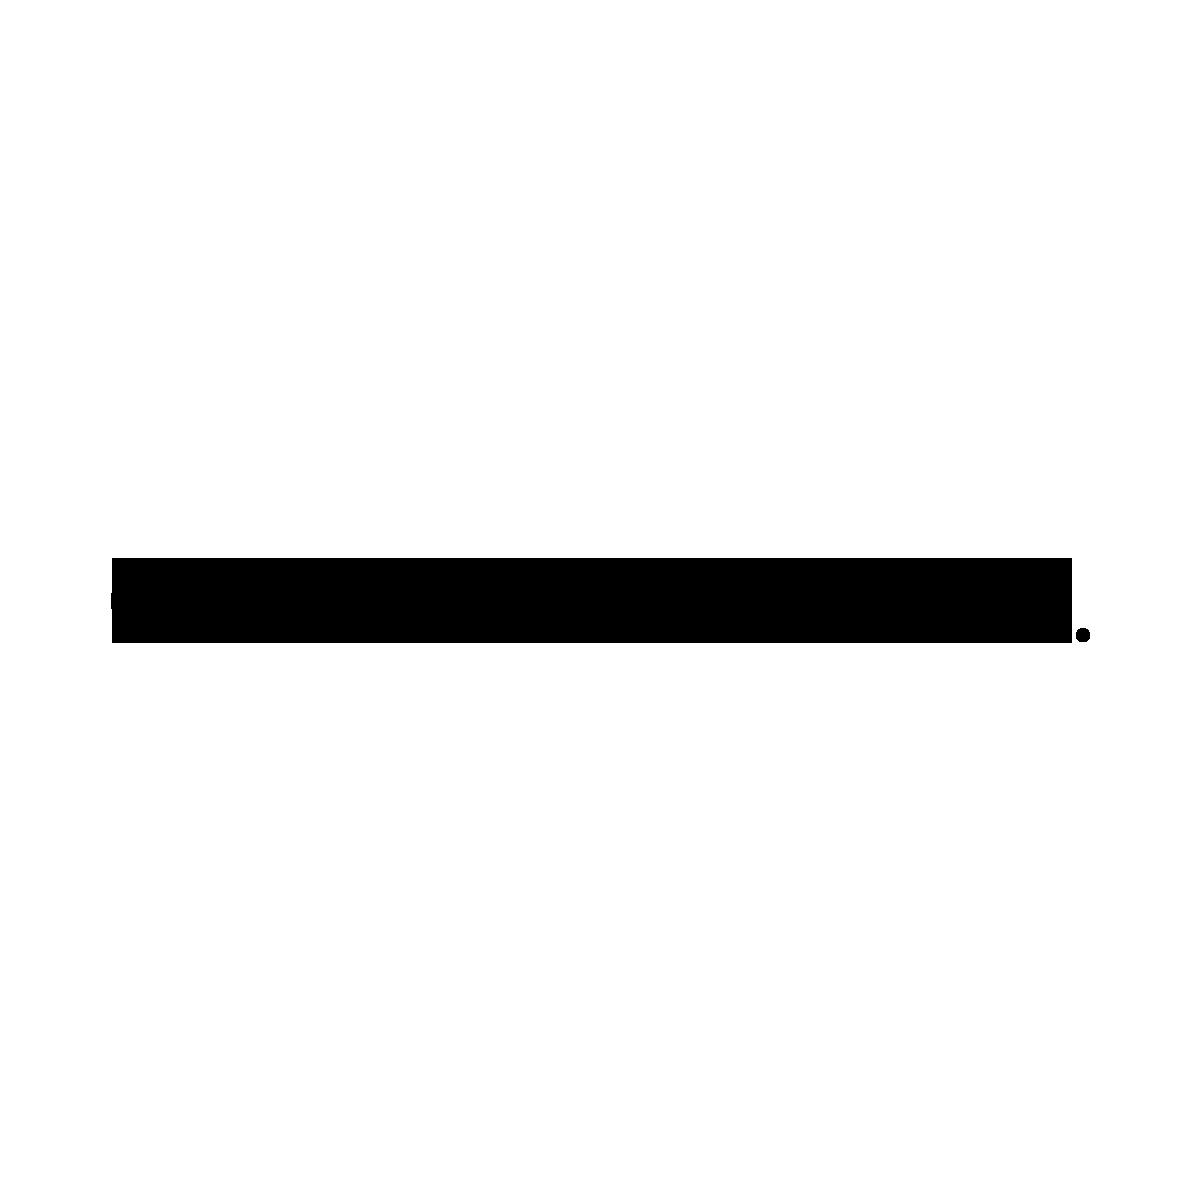 fred de la bretoniere shoulderbag in black natural dyed leather 262010001 packshot